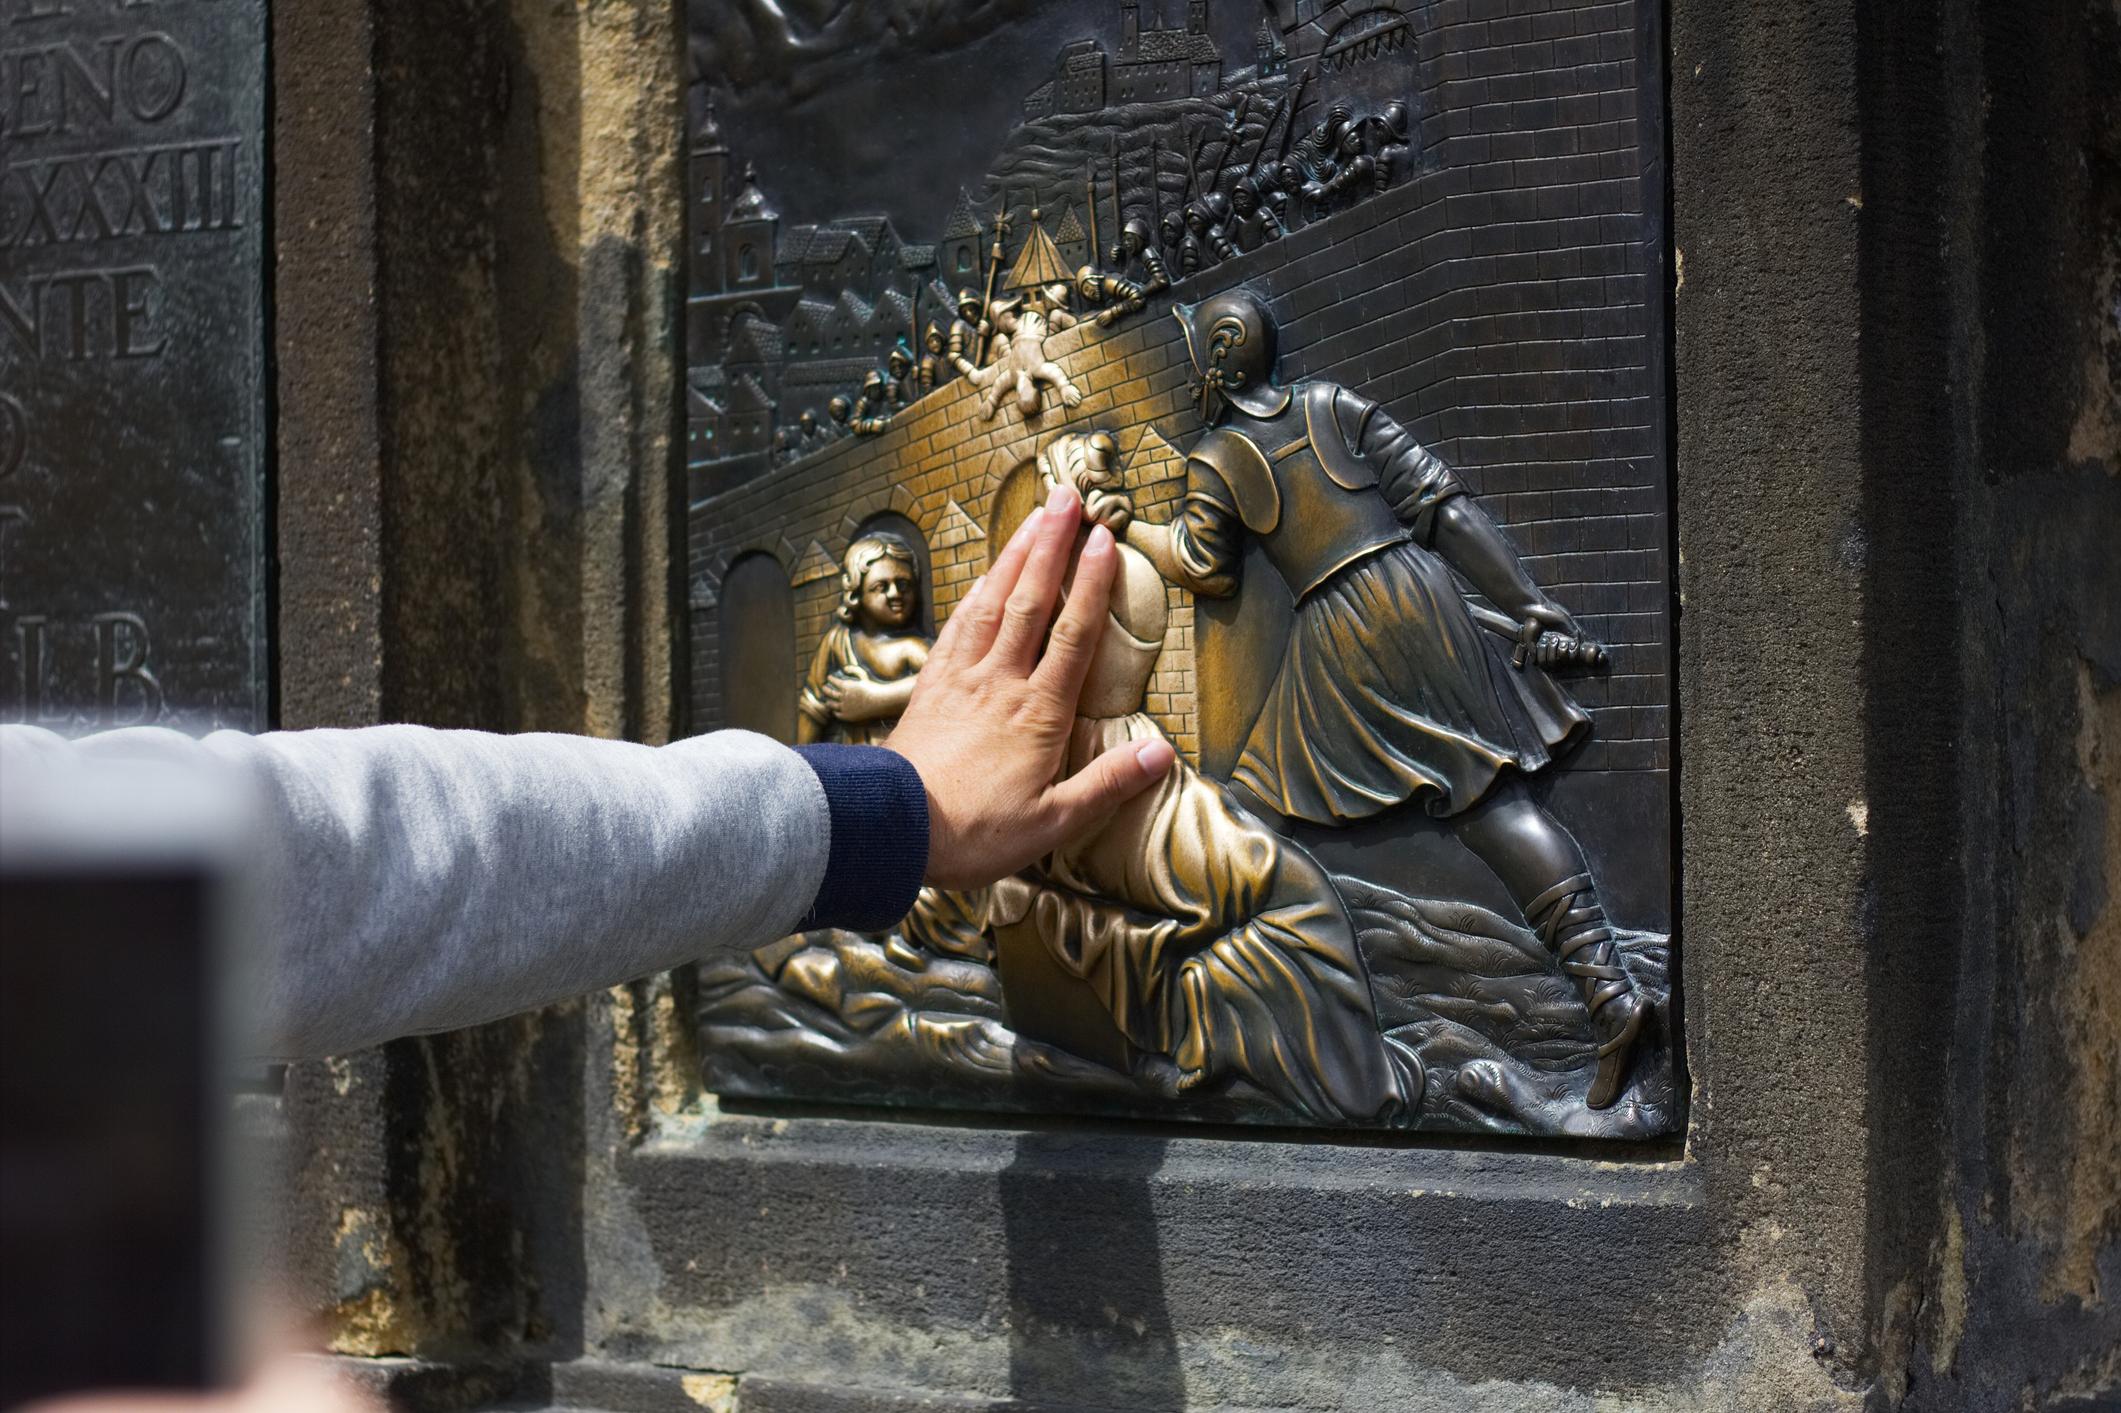 Карловият мост, Прага. Вярва се, че ако докоснетескулптурата на Йоан Напомук, едно ваше желание ще се сбъдне.